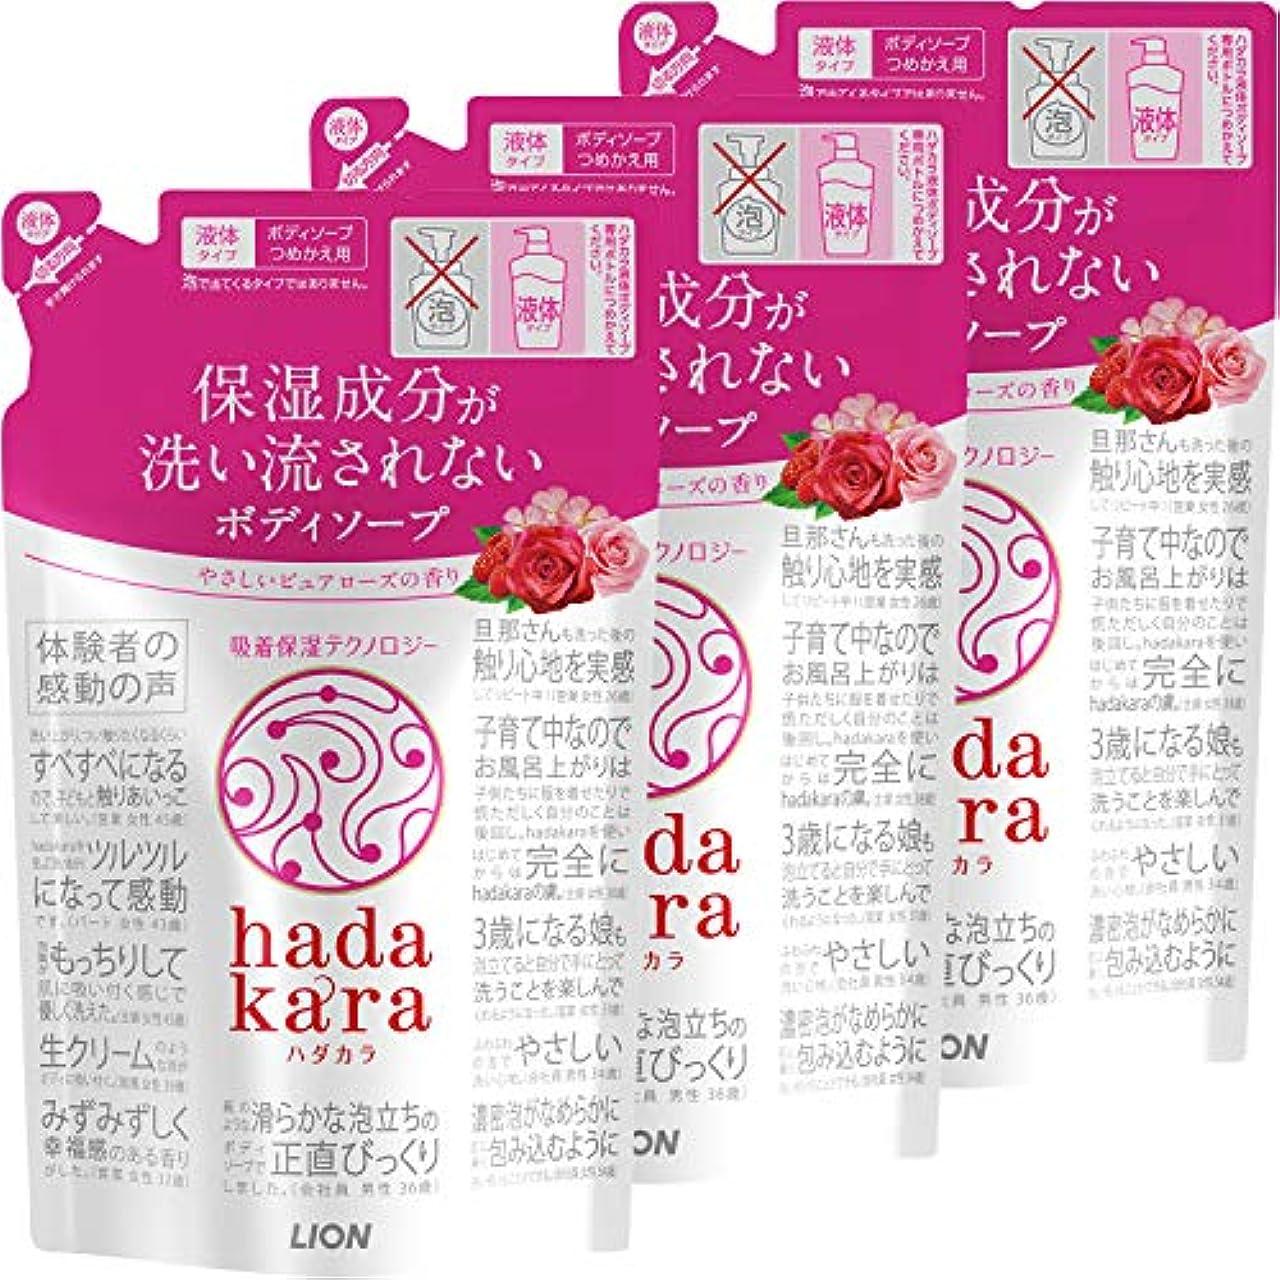 床ヒント白鳥hadakara(ハダカラ) ボディソープ ピュアローズの香り つめかえ360ml×3個 詰替え用